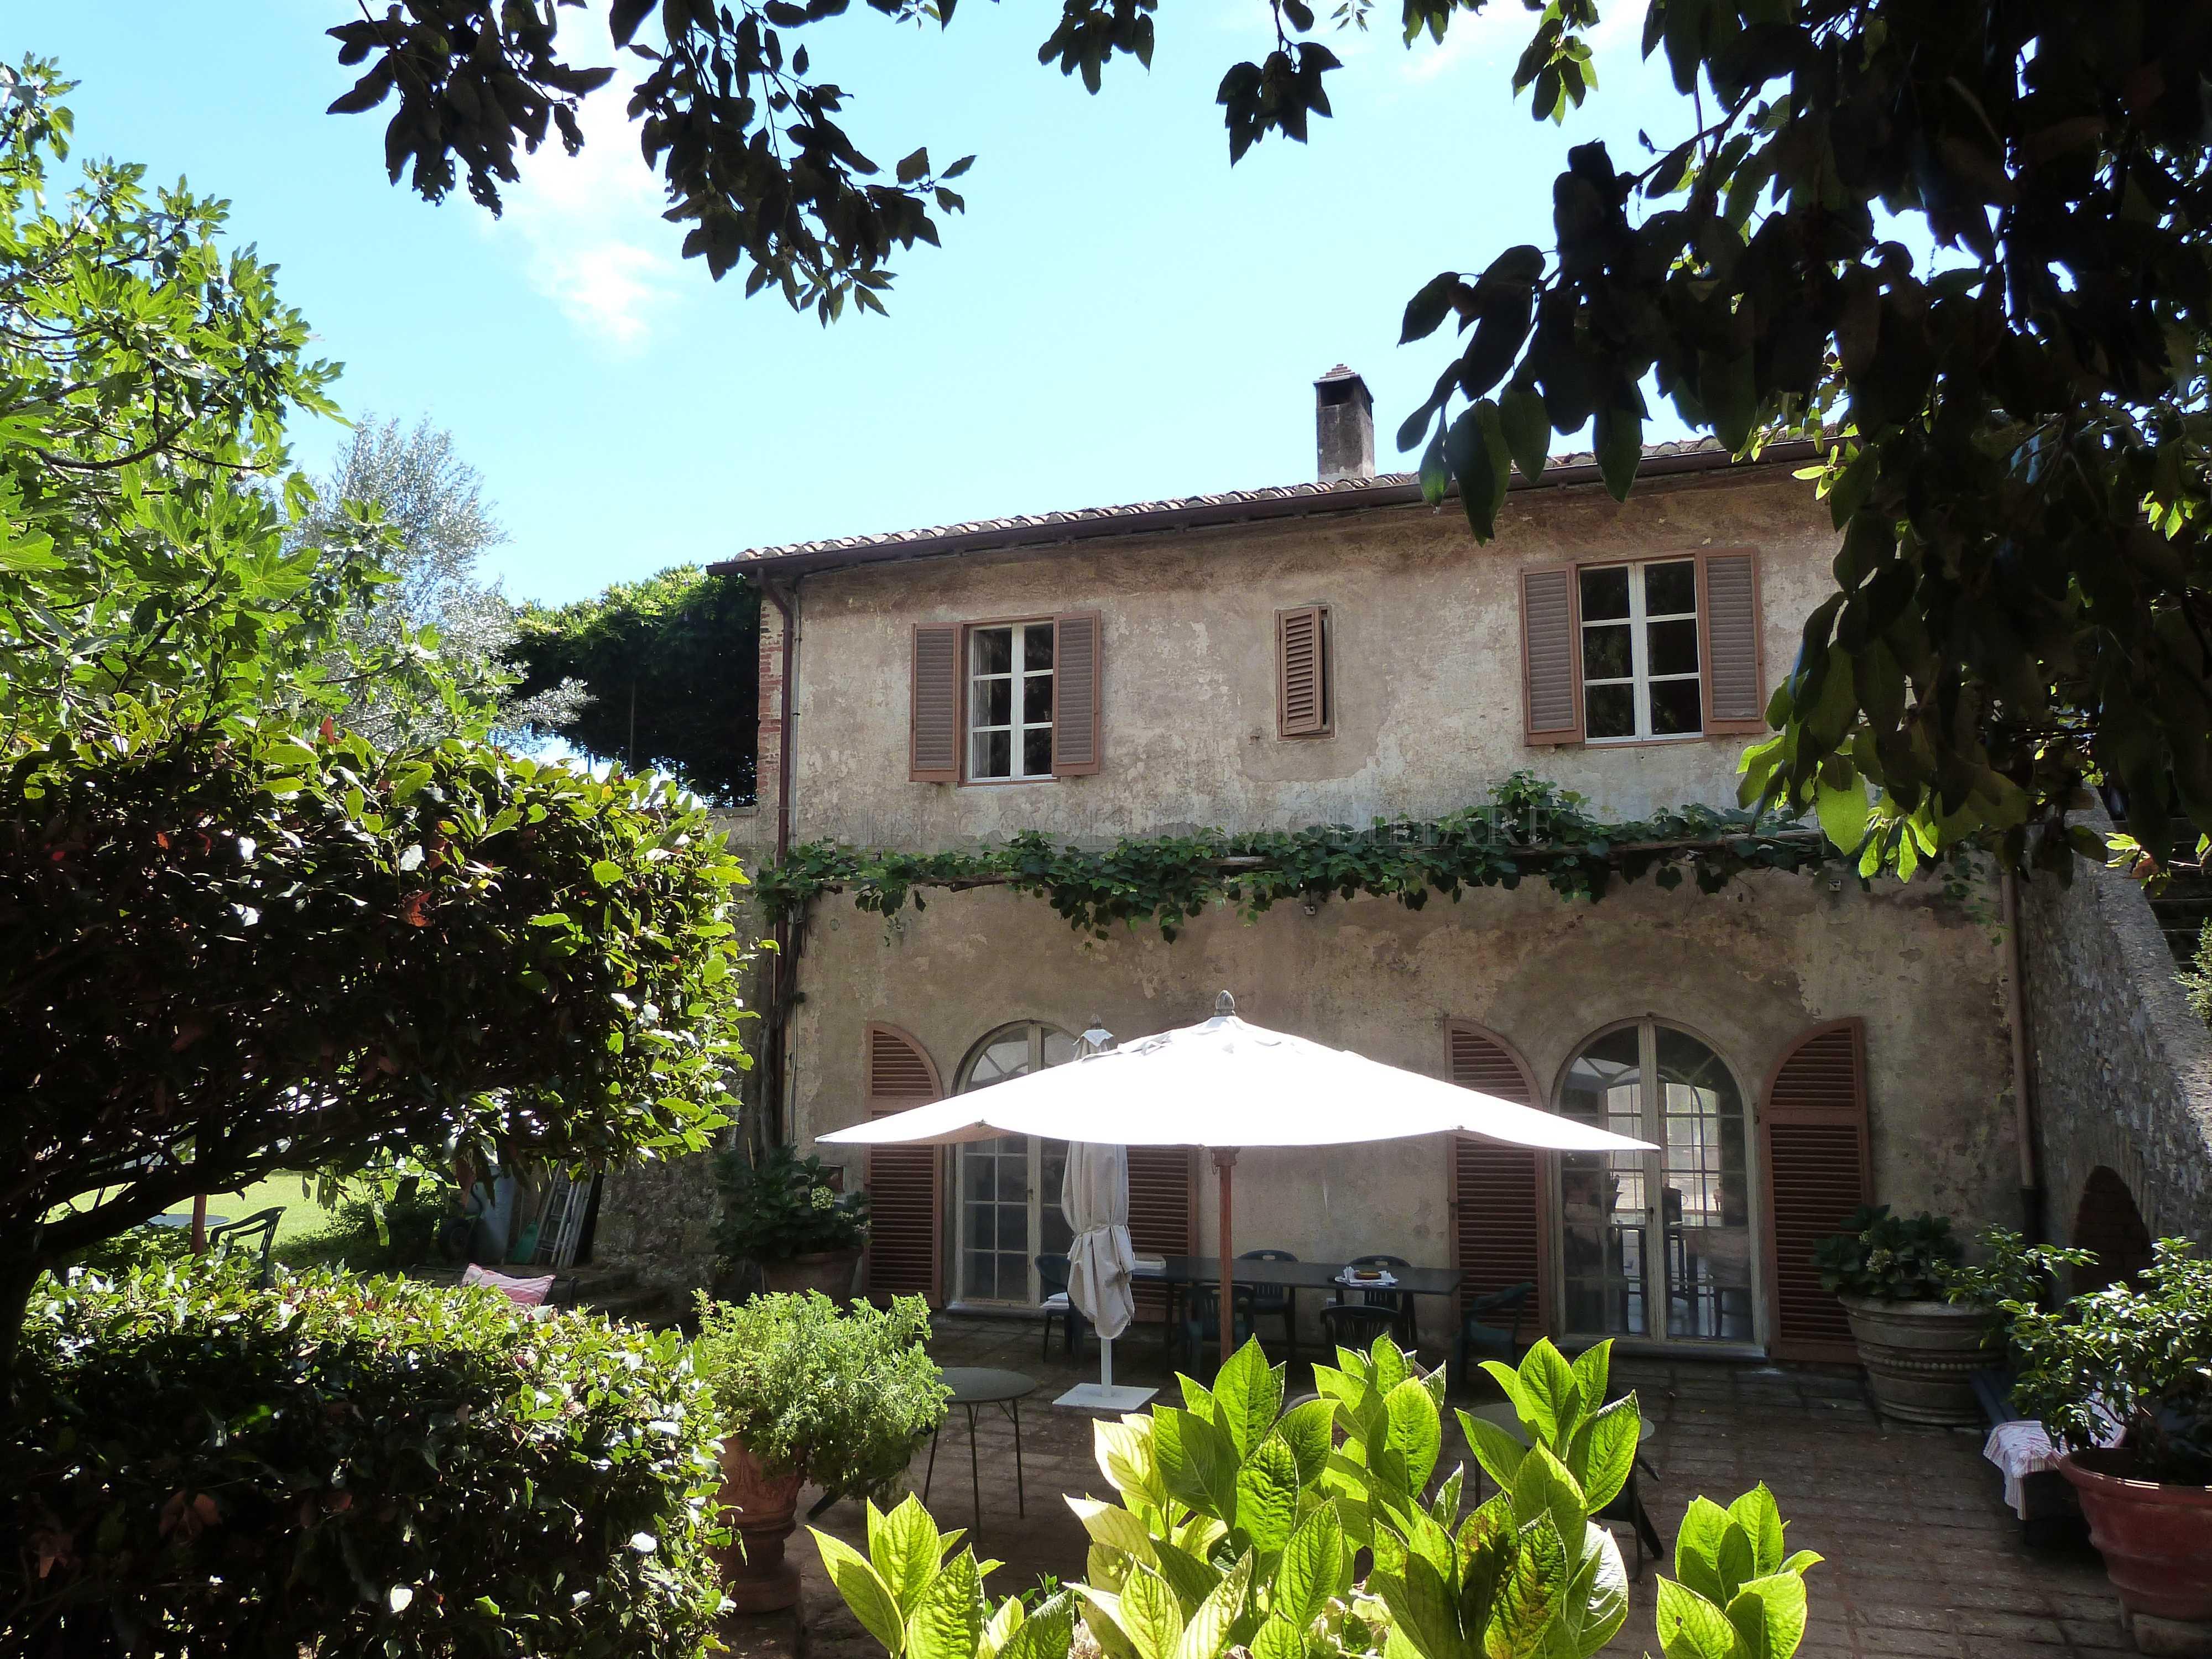 Vendita antico casale spagnolo vicino al mare dell 39 argentarioagenzia immobiliare capitan cook - Agenzia immobiliare orbetello ...